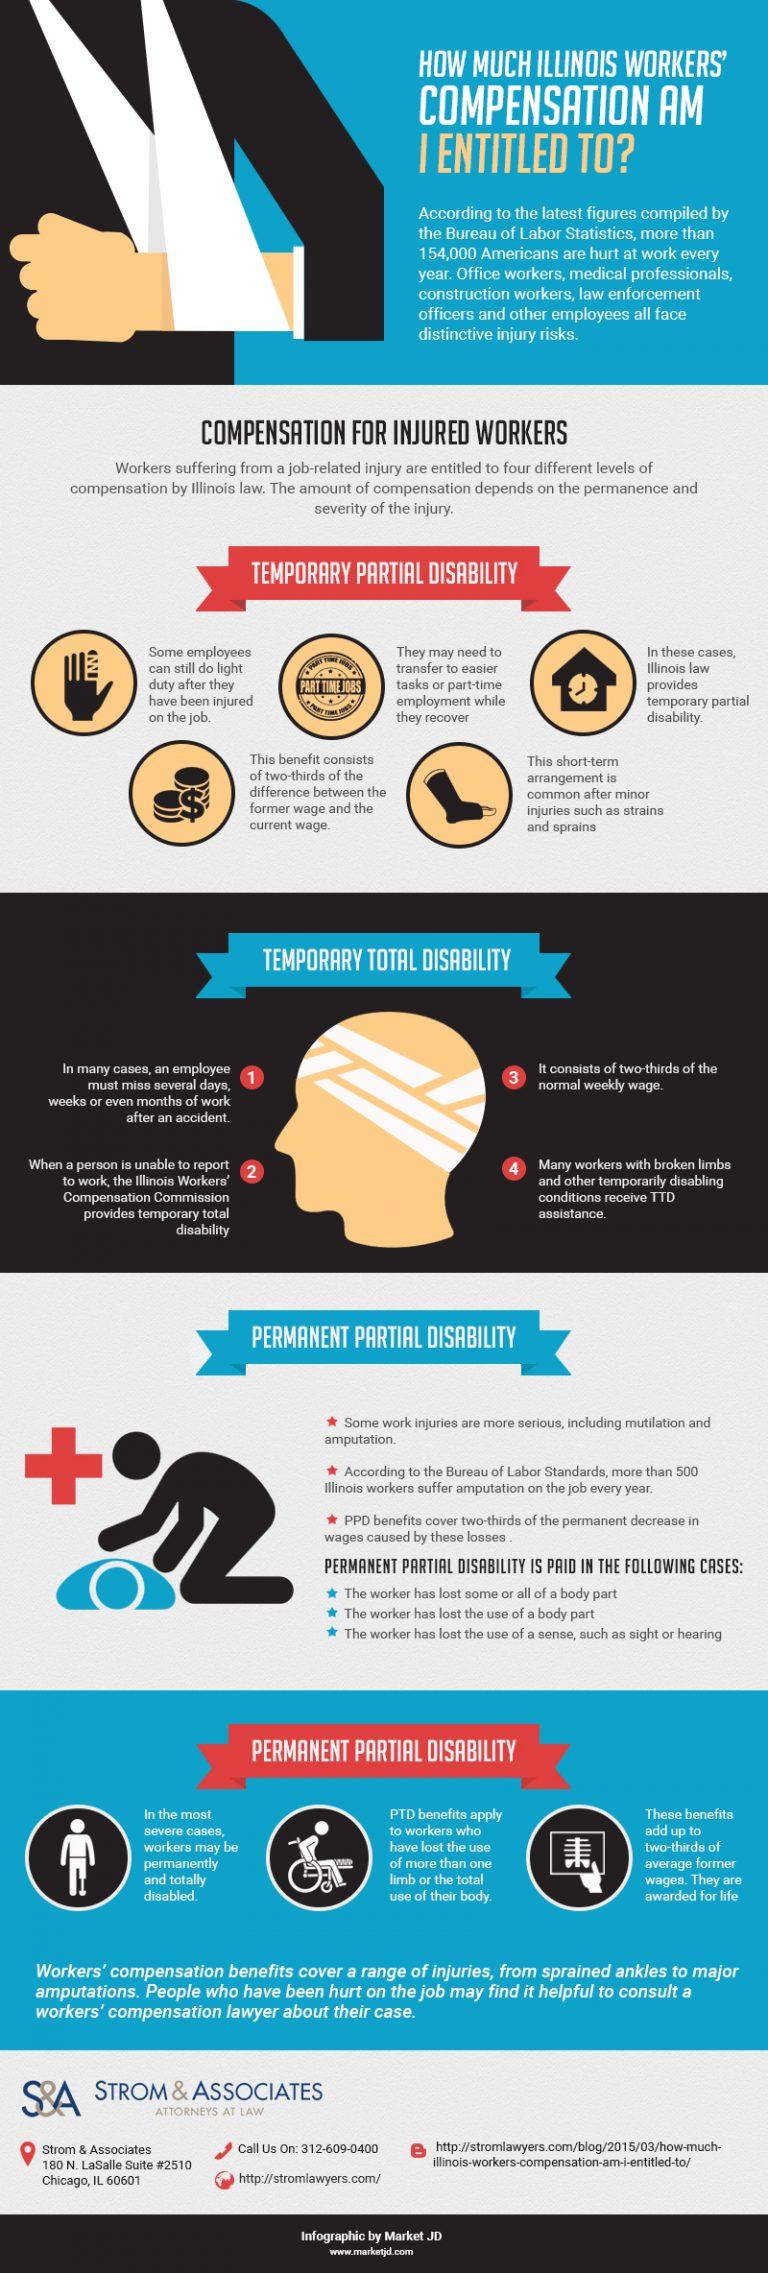 Responder infographic